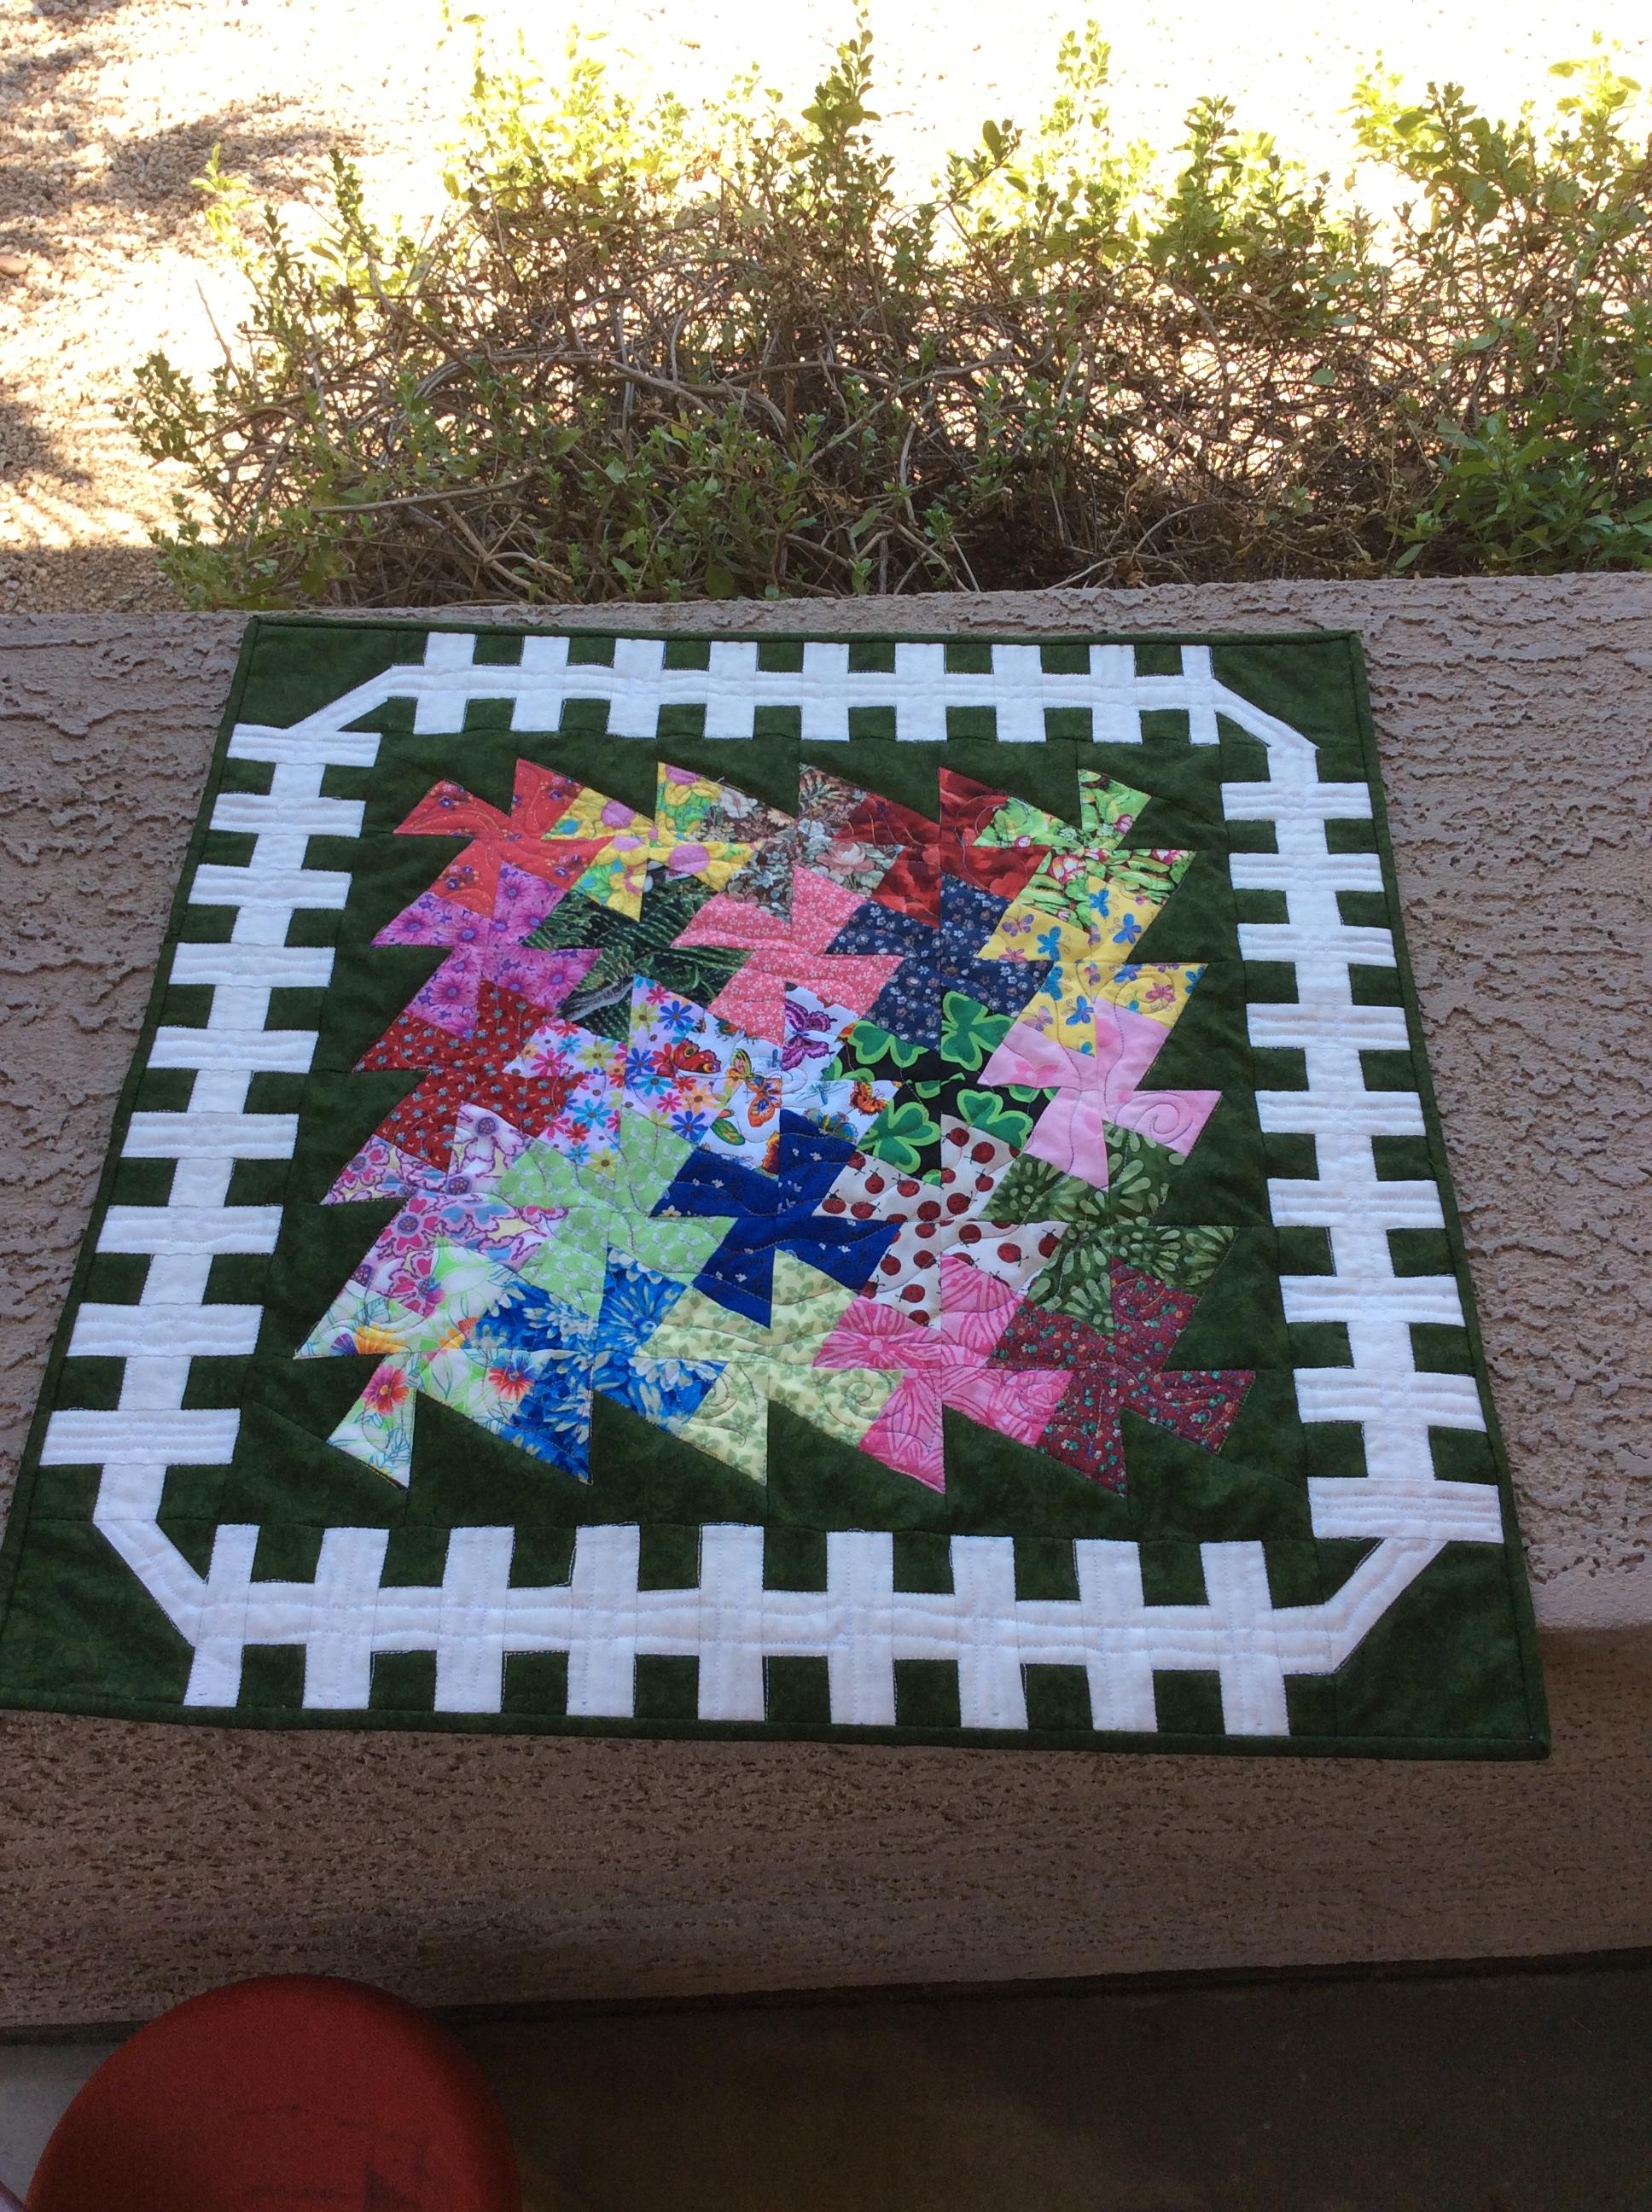 Garden Twister quilt pattern